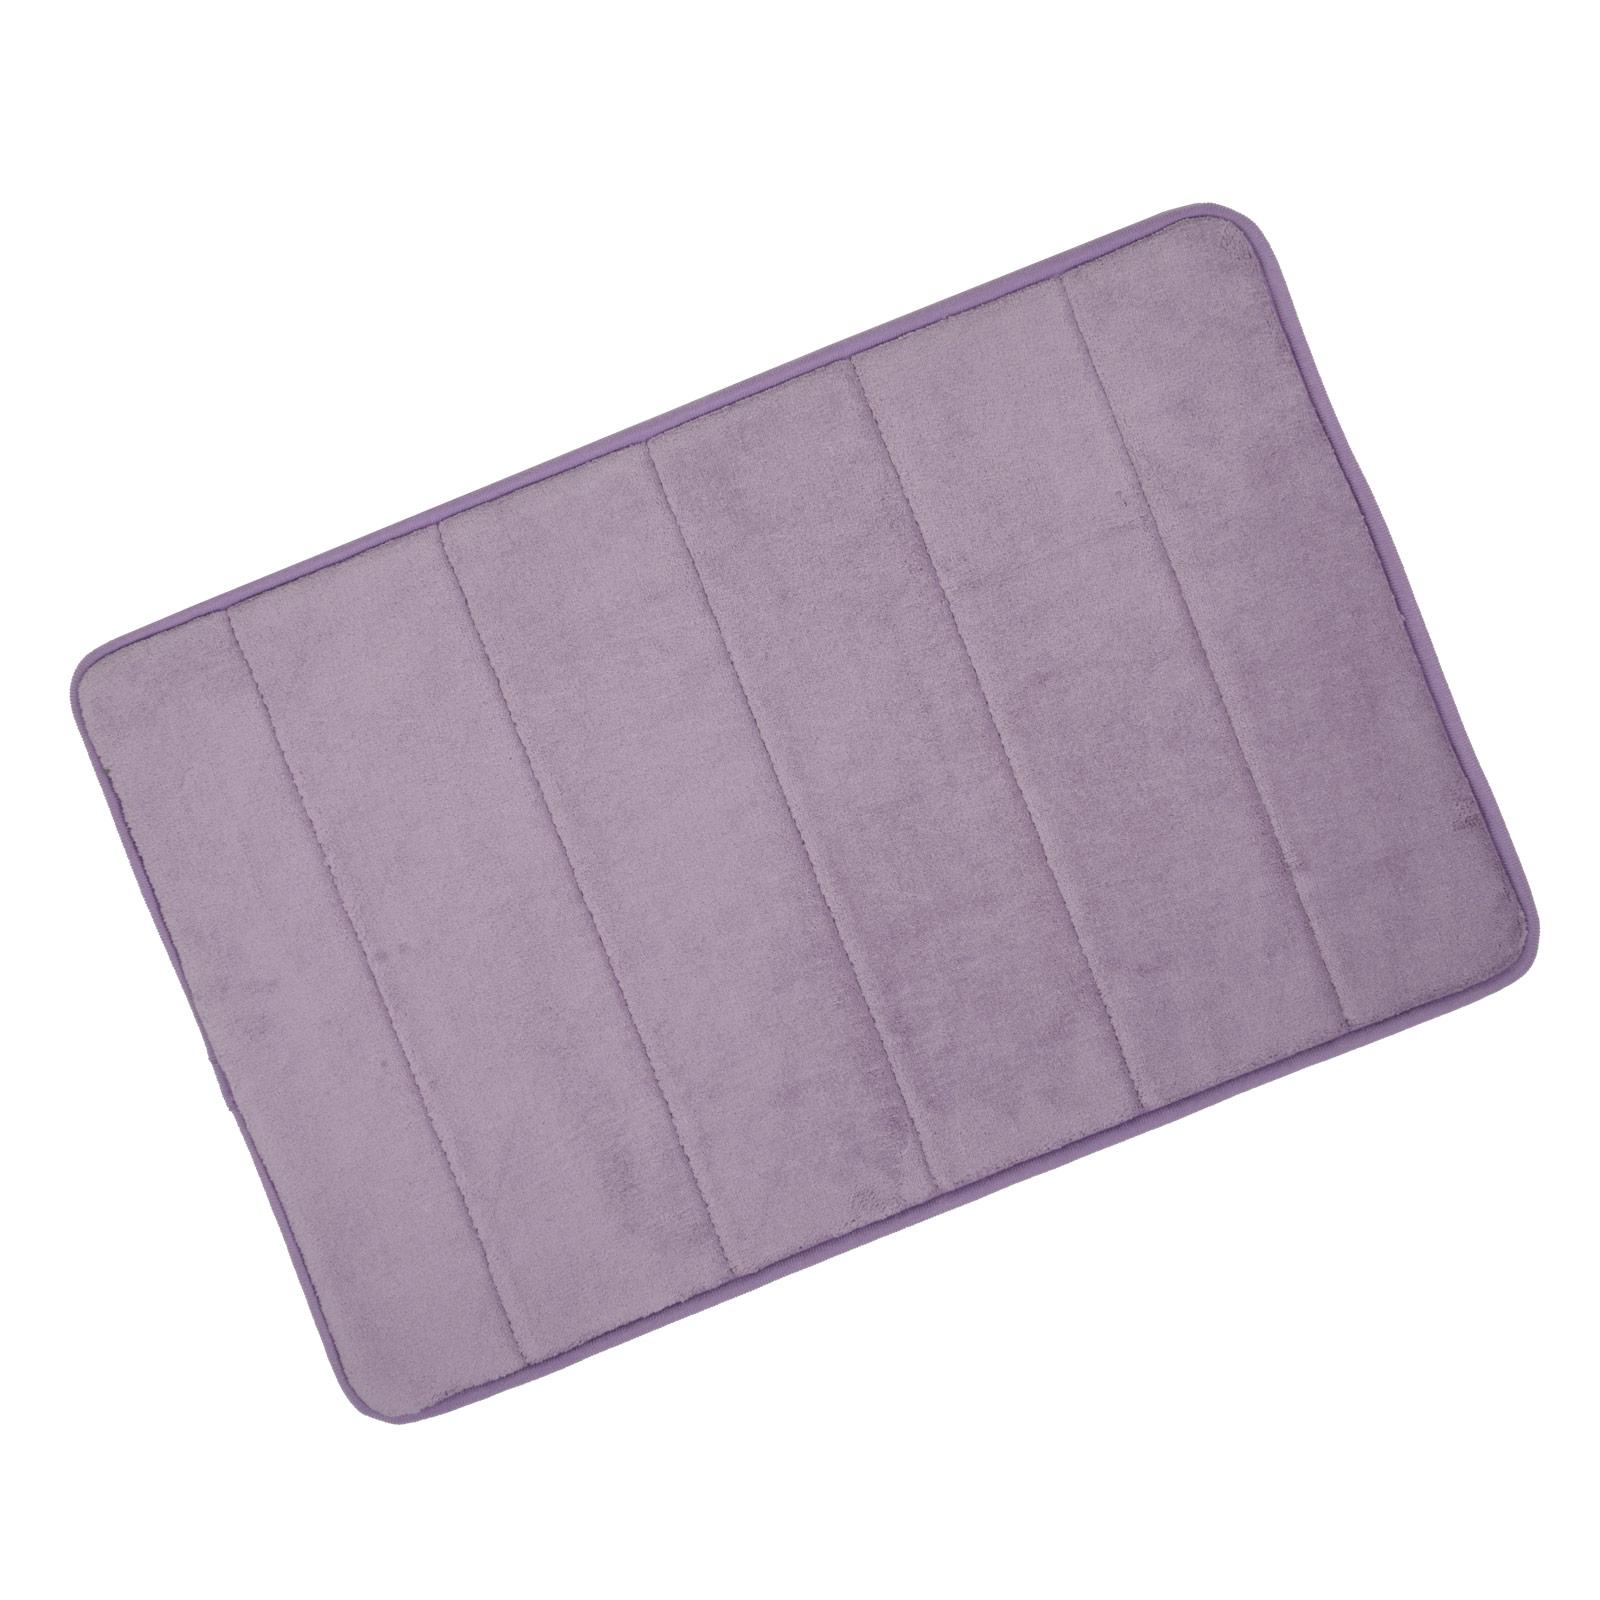 Memory foam mat - Bath Mats : Mince His Words